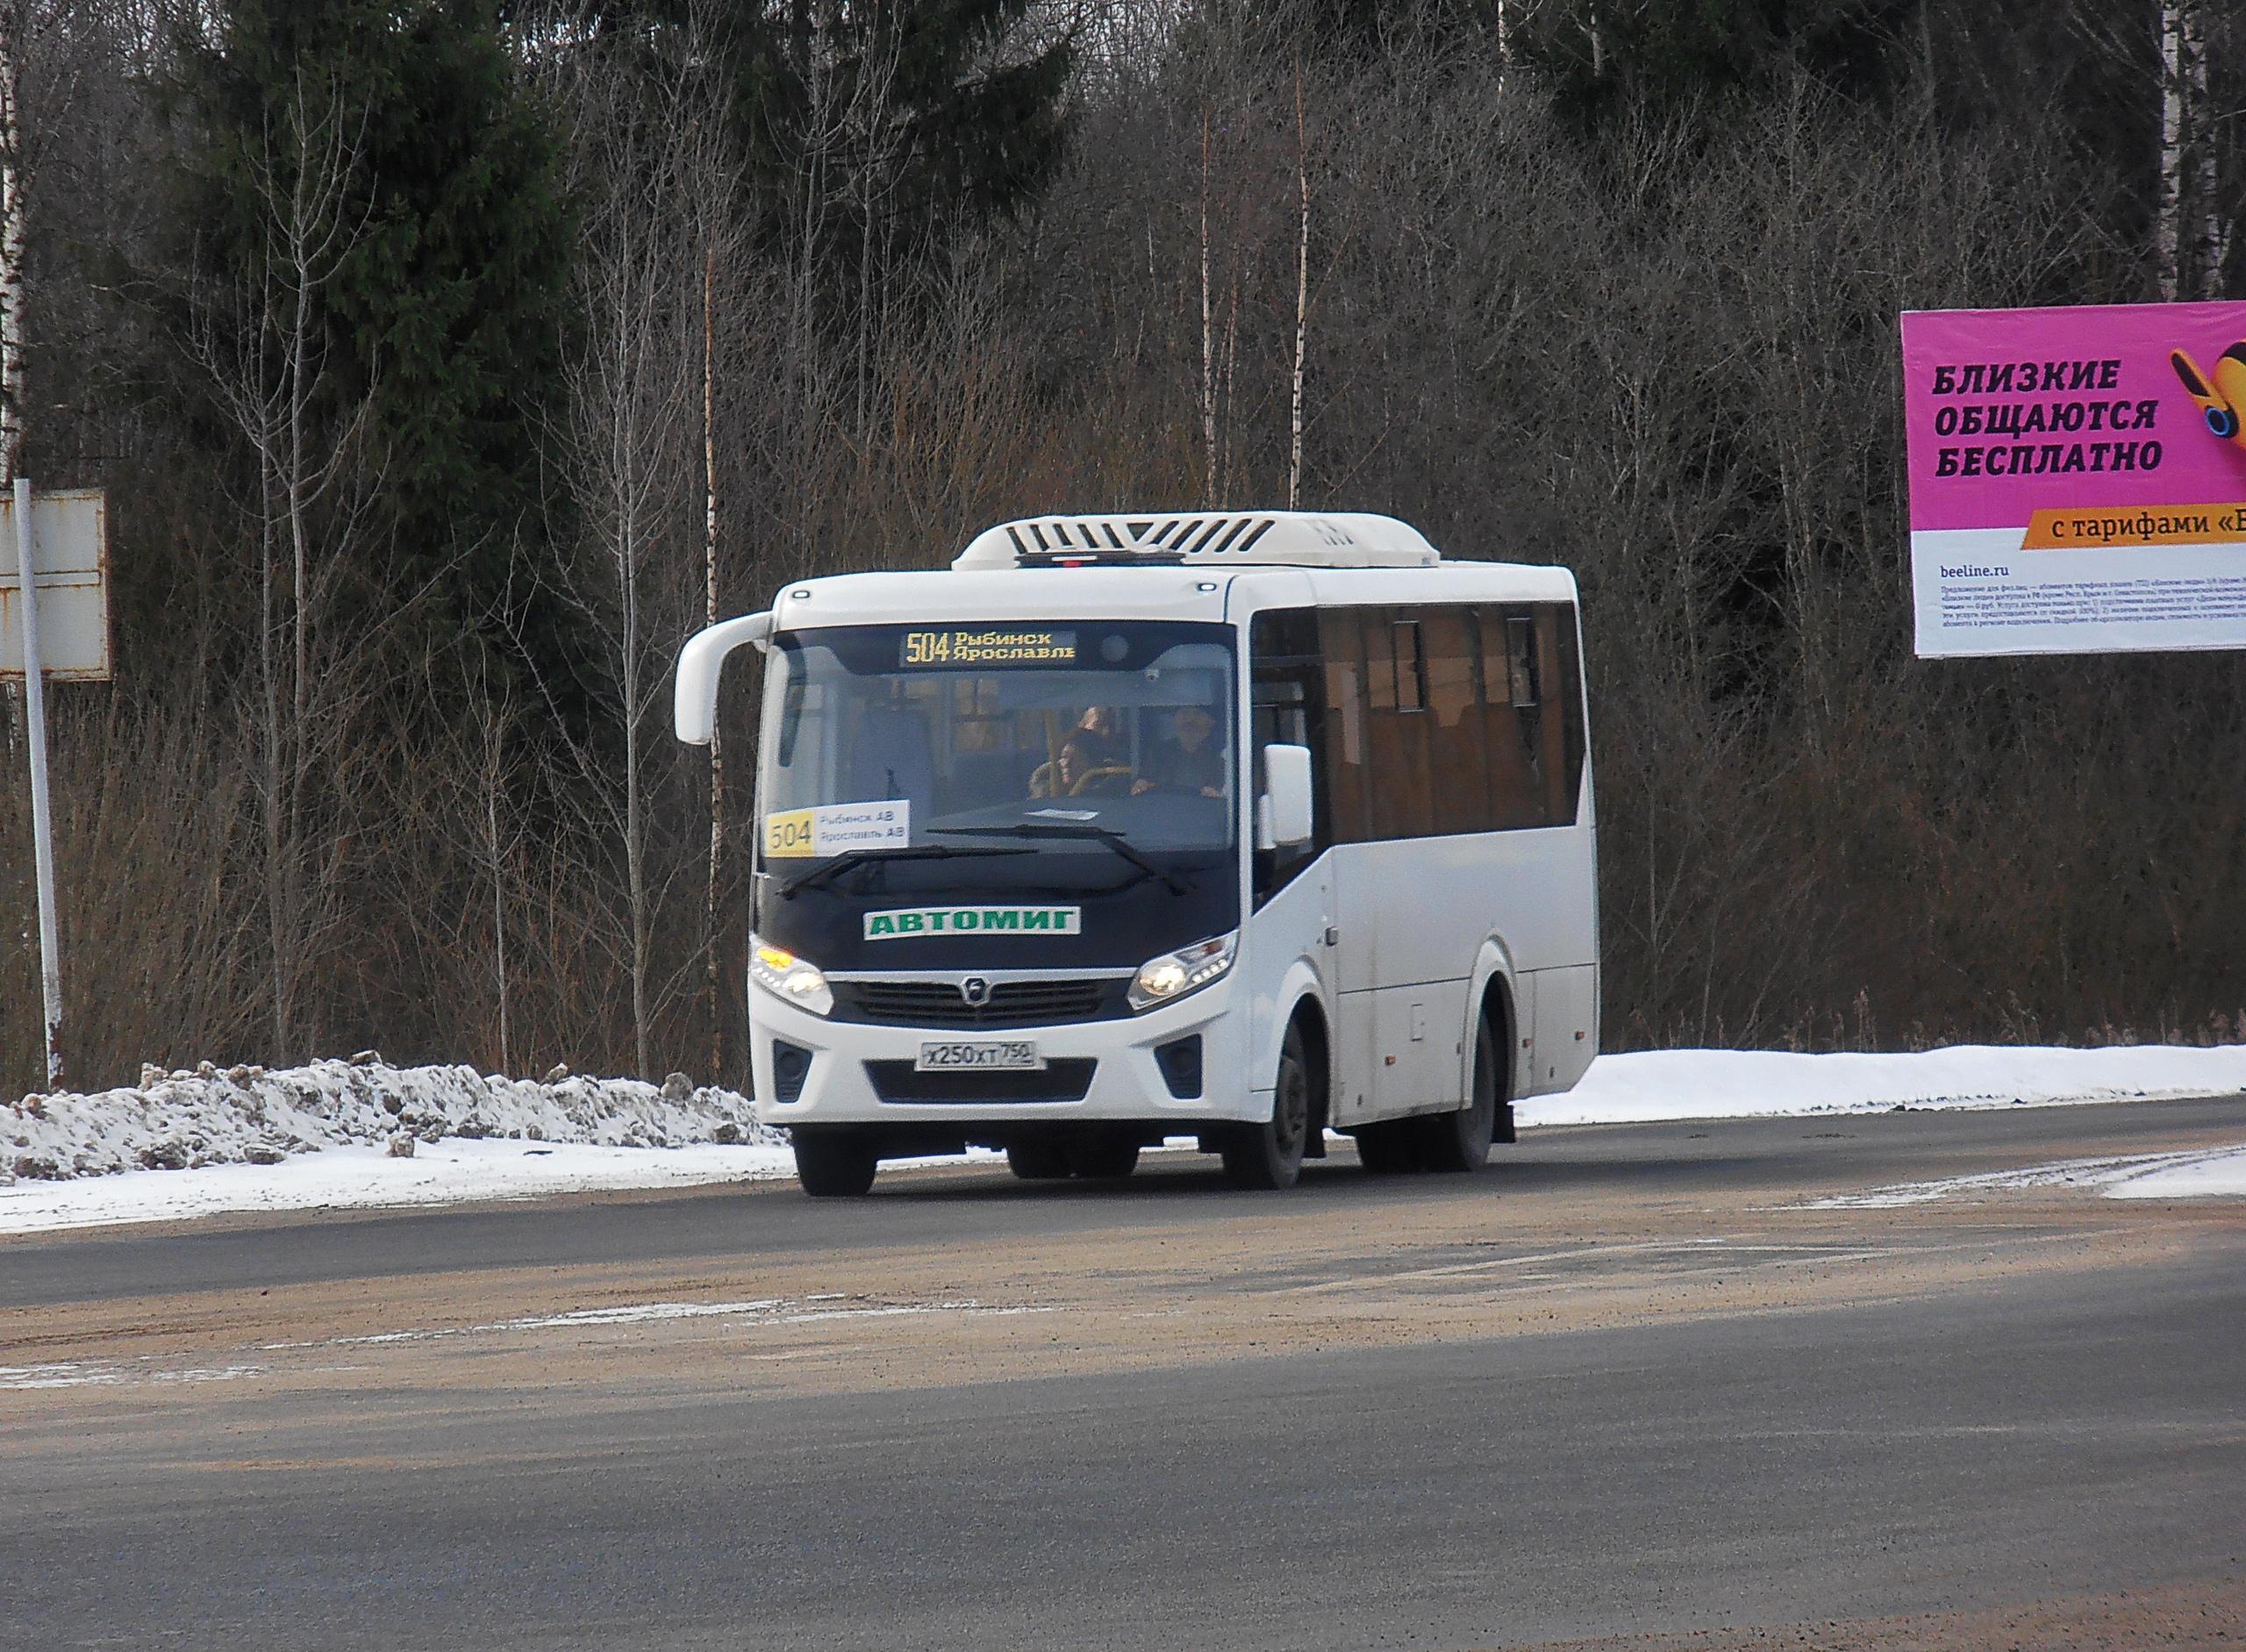 Автобус №504